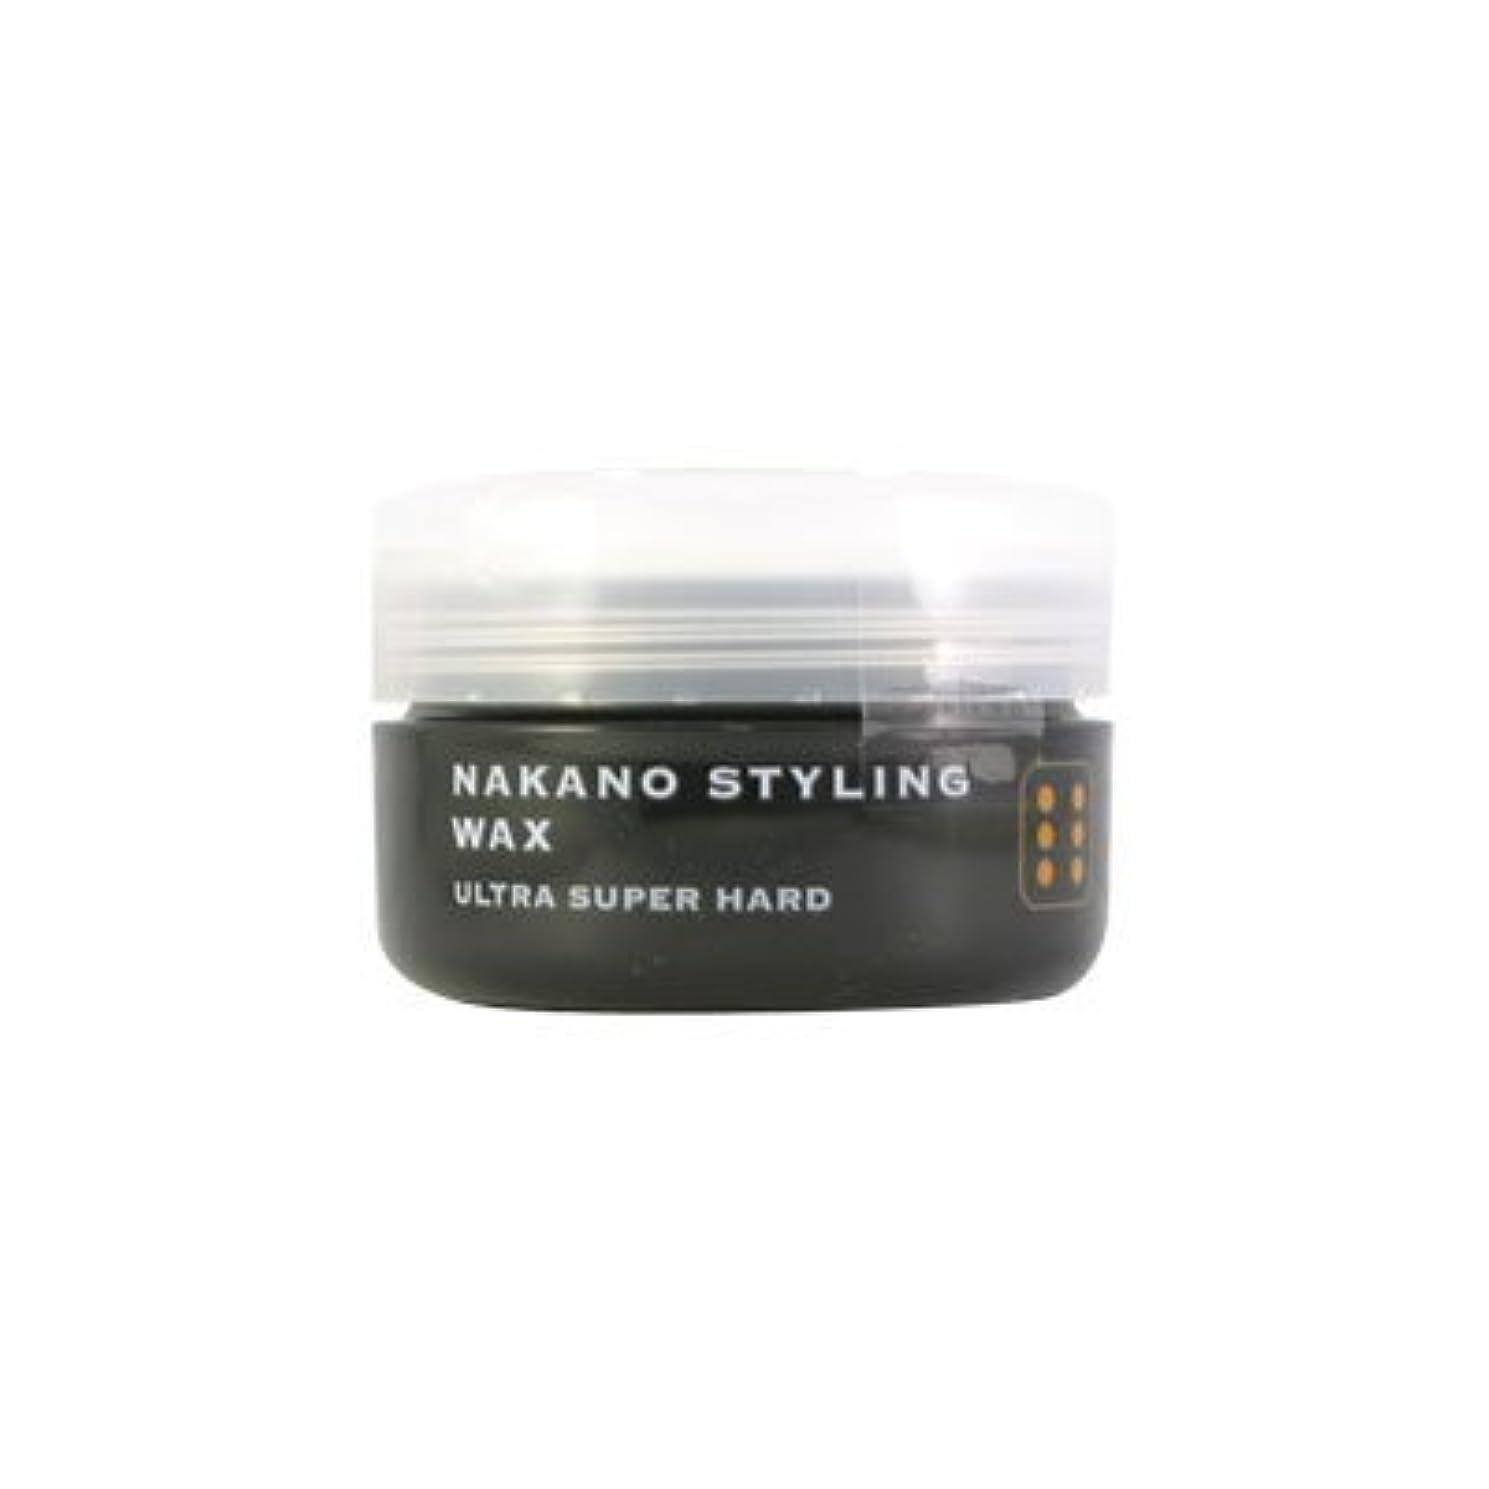 圧力囲まれた半円ナカノ スタイリングワックス 6 ウルトラスーパーハード 90g 中野製薬 NAKANO